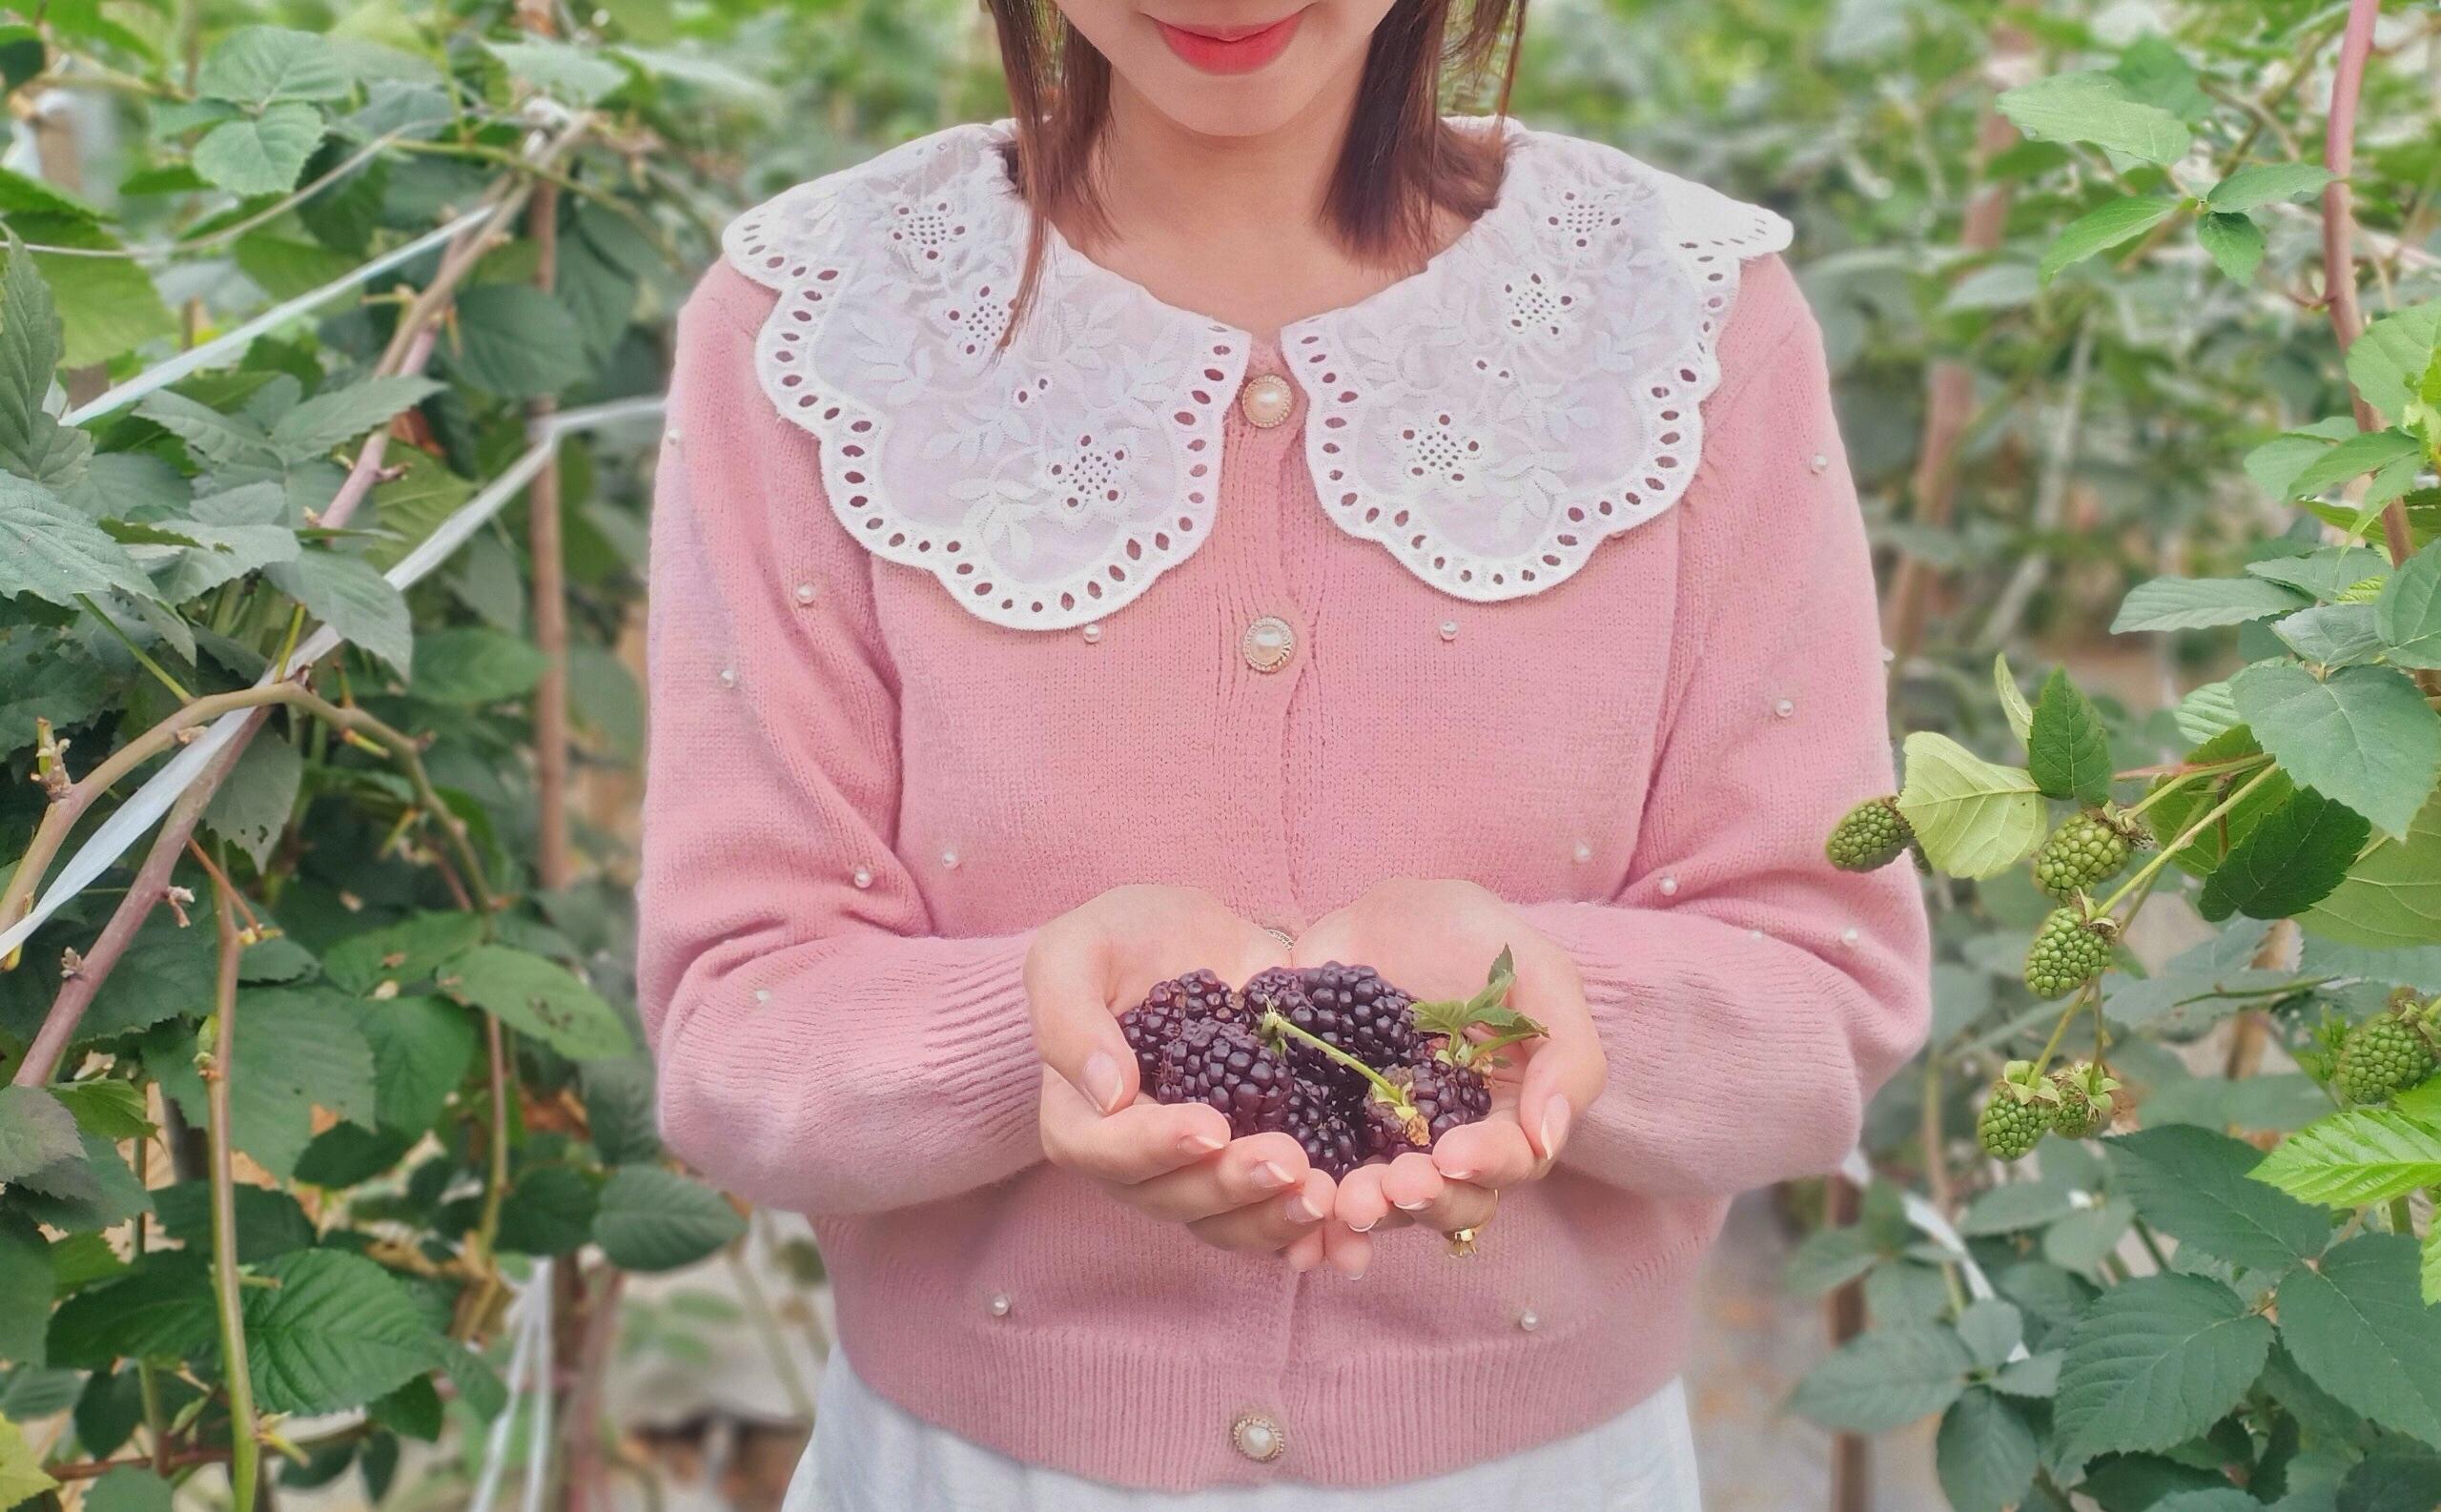 Phúc bồn tử đen được trồng thành công tại Chimi Farm 1